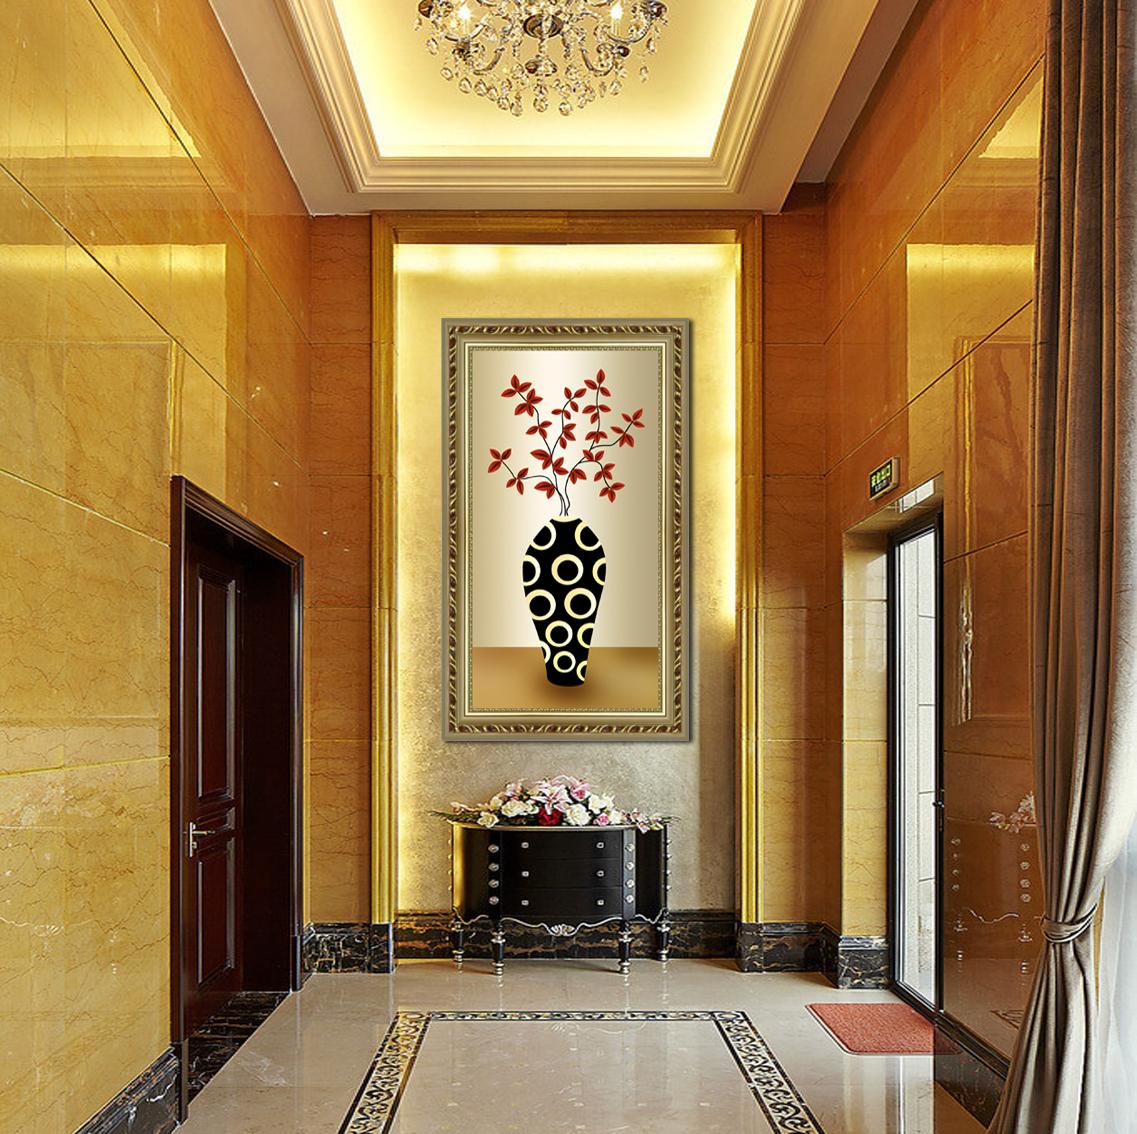 挂画挂在走廊的尽头有什么禁忌呢?